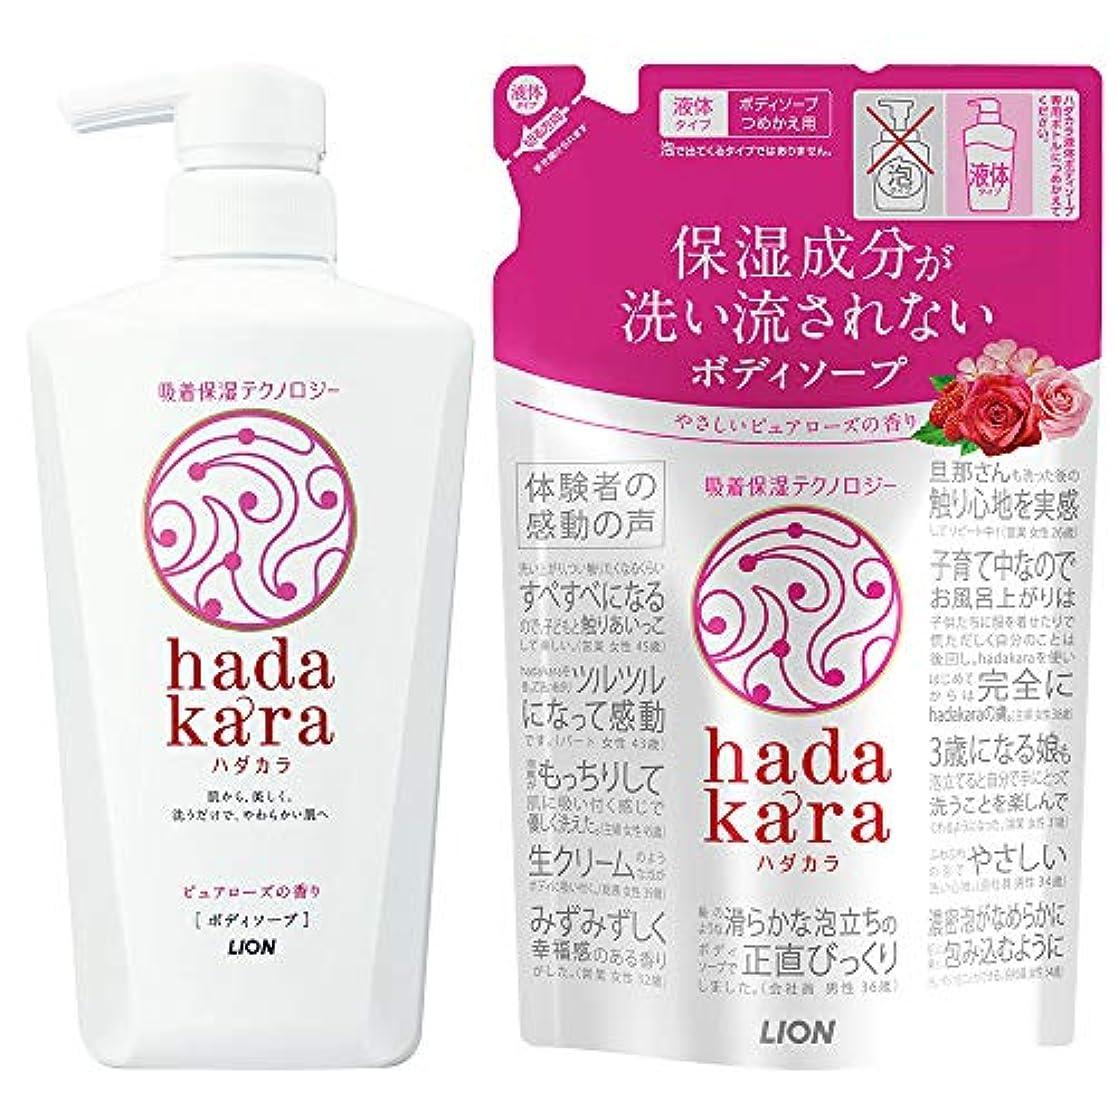 詐欺犯す刈り取るhadakara(ハダカラ) ボディソープ ピュアローズの香り 本体500ml+つめかえ360ml